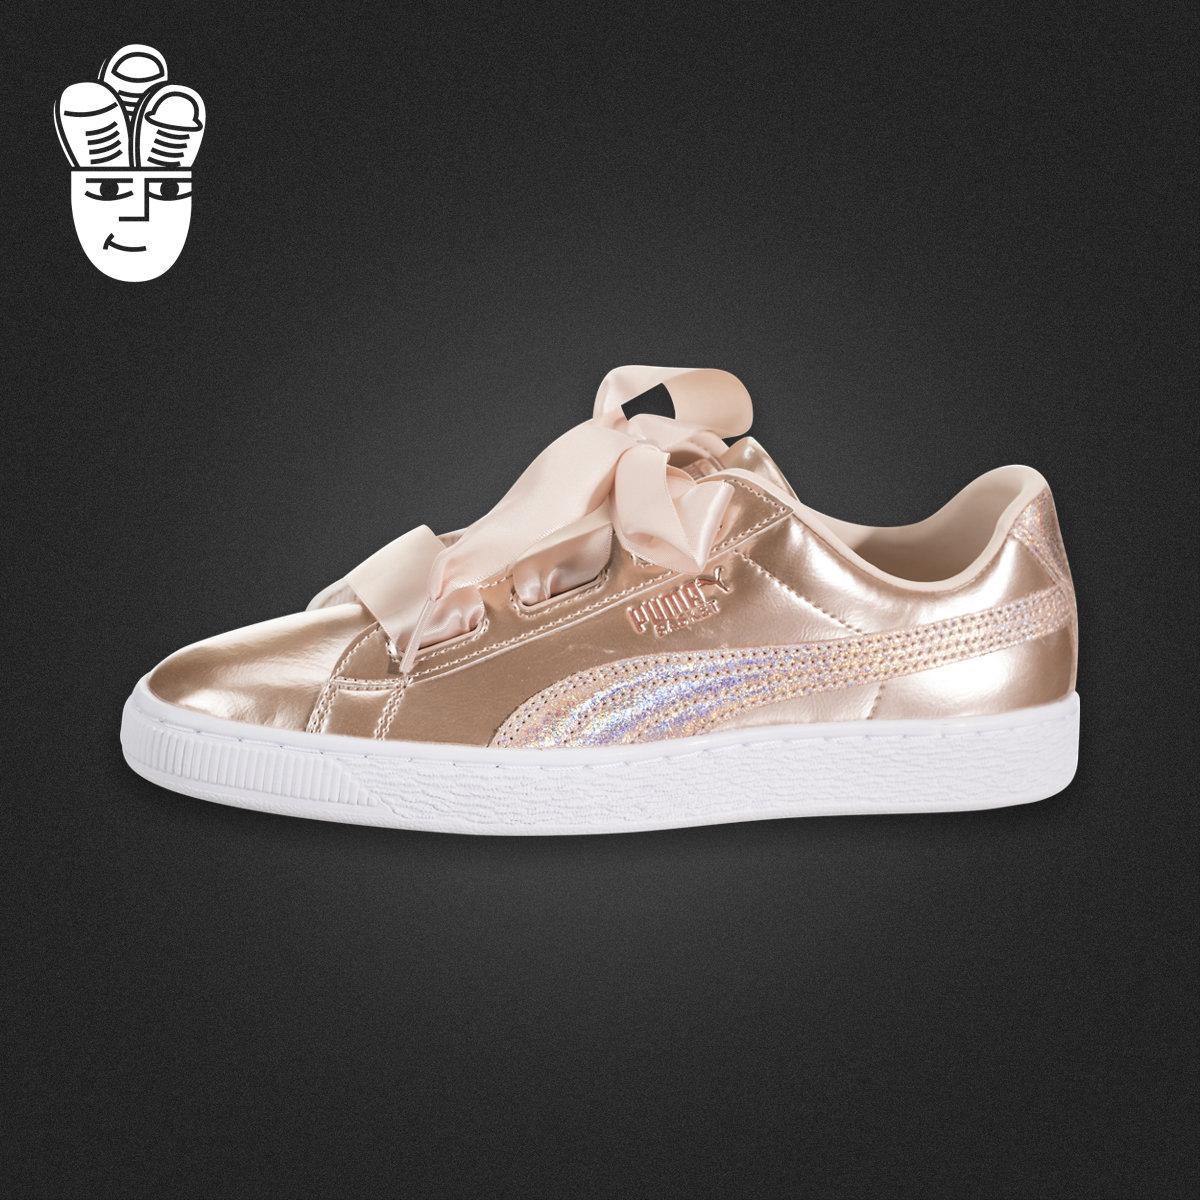 Puma Basket Heart Lunar Lux 彪马女鞋 蝴蝶结板鞋 丝带休闲鞋